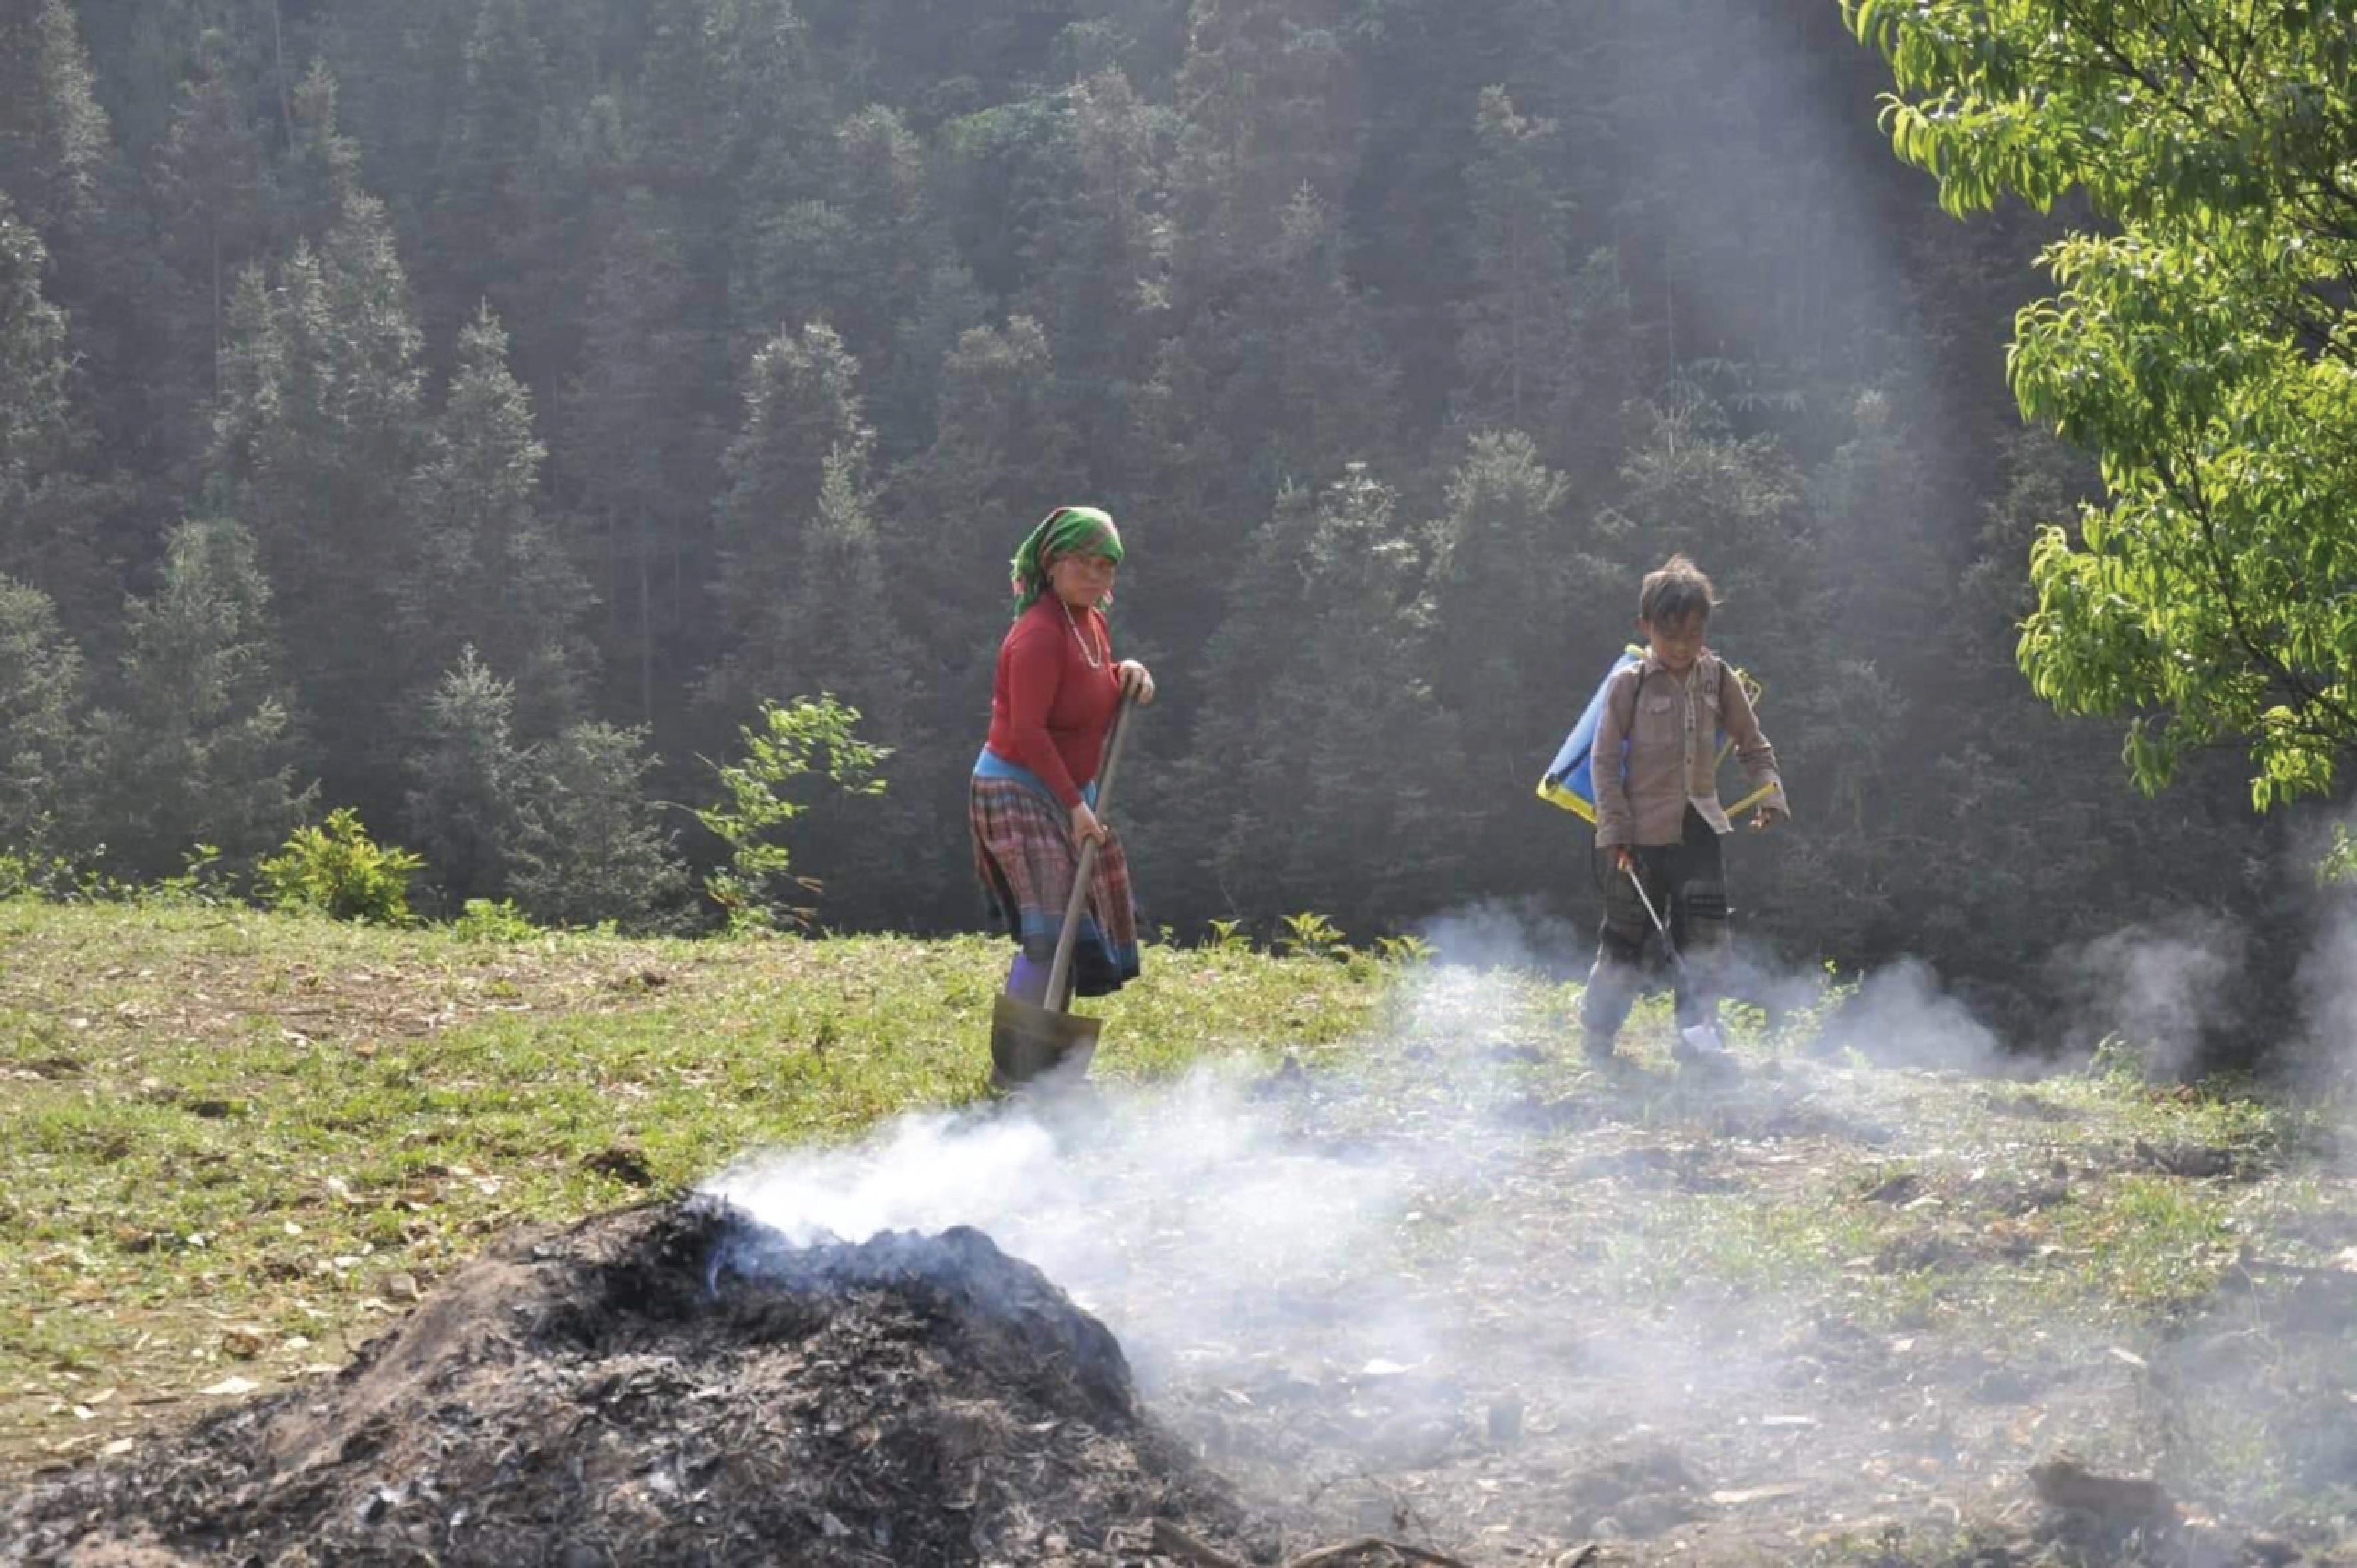 Tình trạng sử dụng thuốc diệt cỏ tràn lan của bà con vùng cao đã và đang gây ảnh hưởng trực tiếp tới sức khỏe và môi trường sống hiện nay.